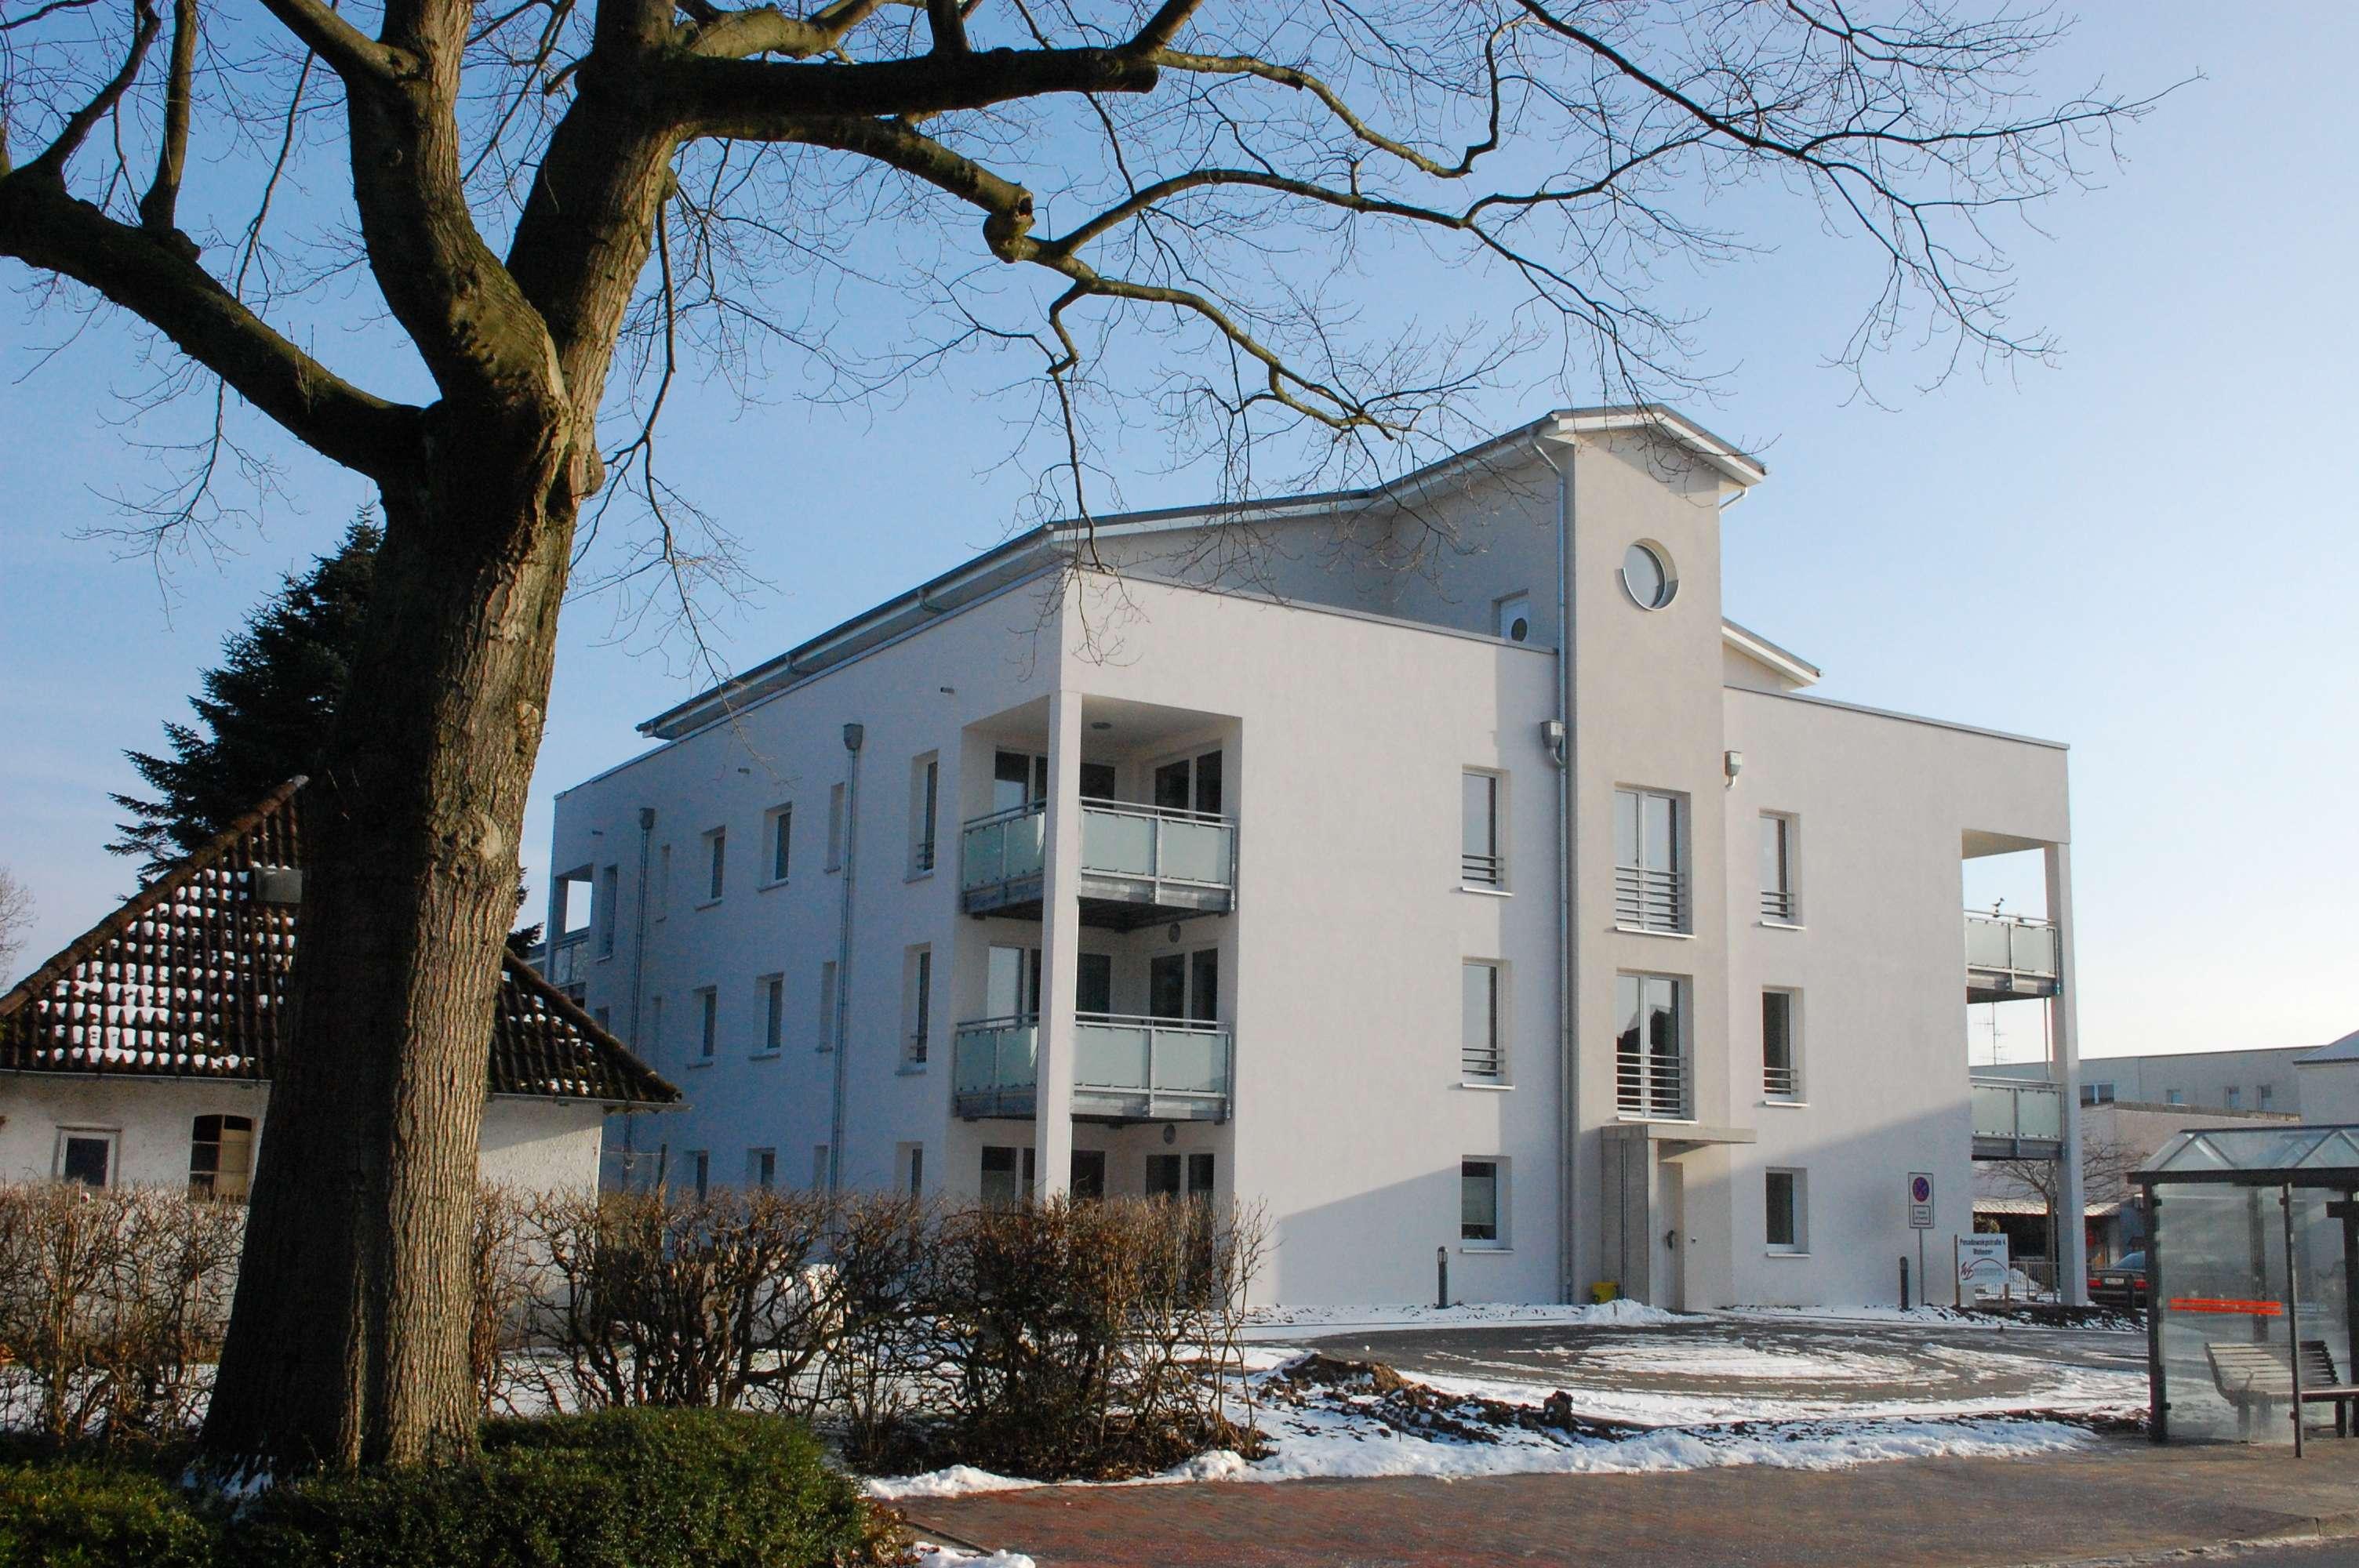 1-Zimmer Rentnerwohnung im Zentrum von Brunsbüttel